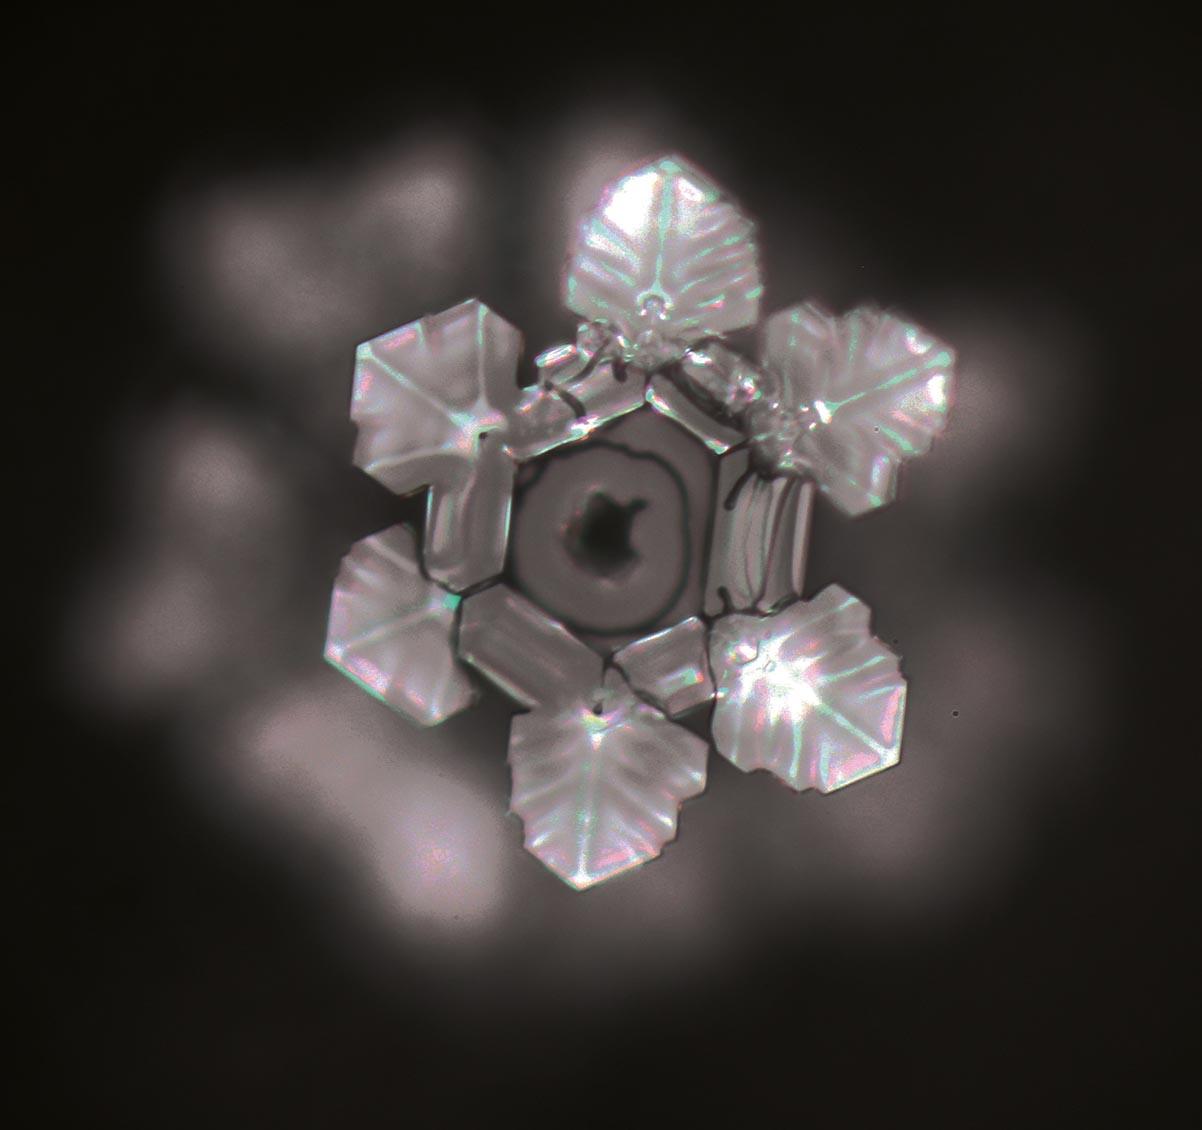 Kristallbilder nach der Emoto-Methode